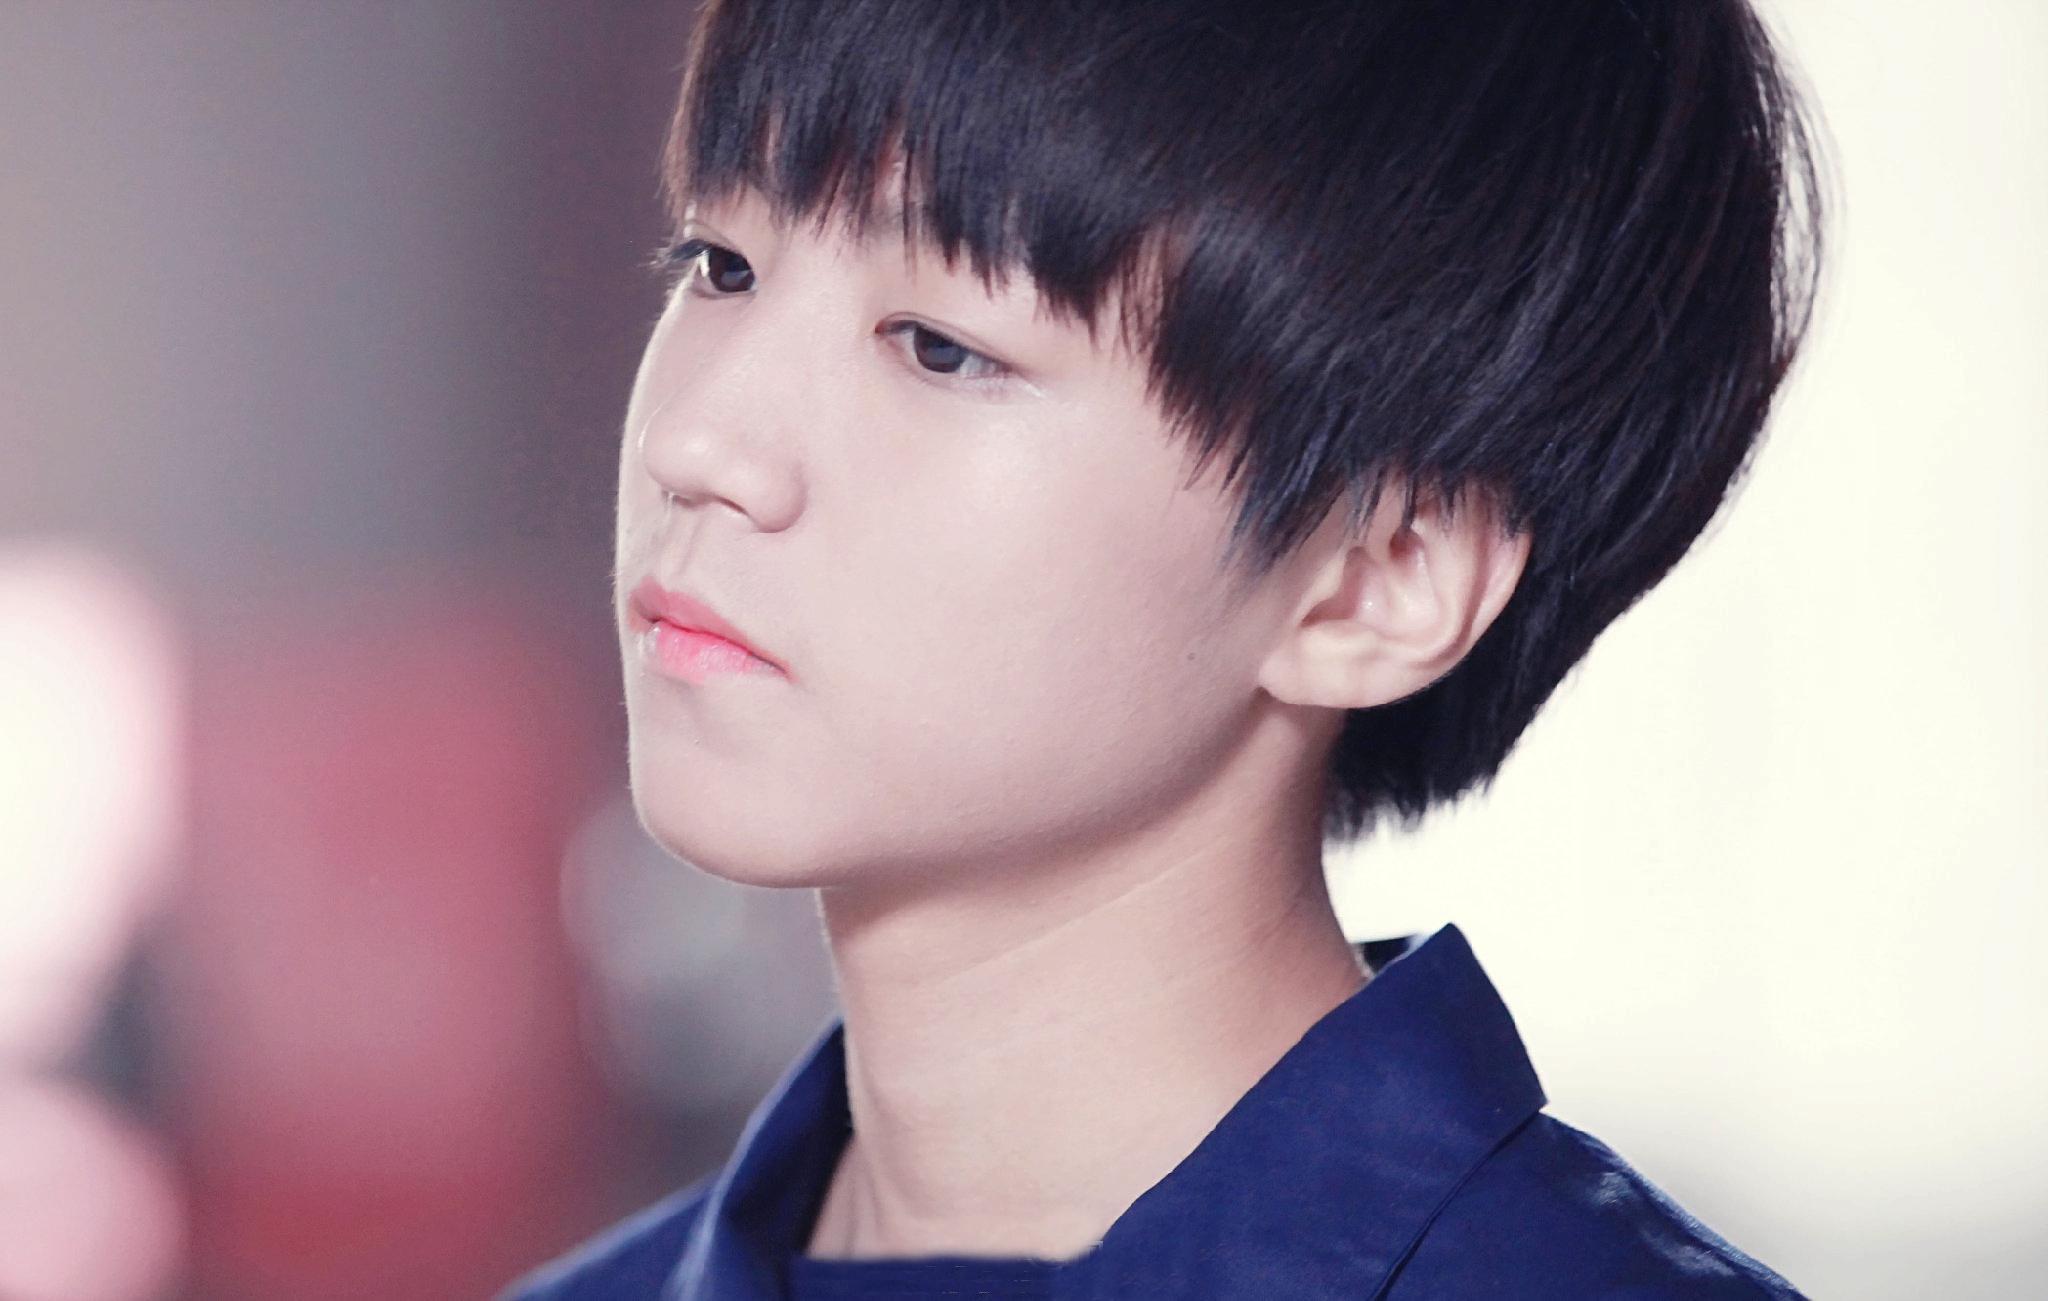 王俊凯最帅的照片_tfboys王俊凯最帅照 最新帅气写真曝光